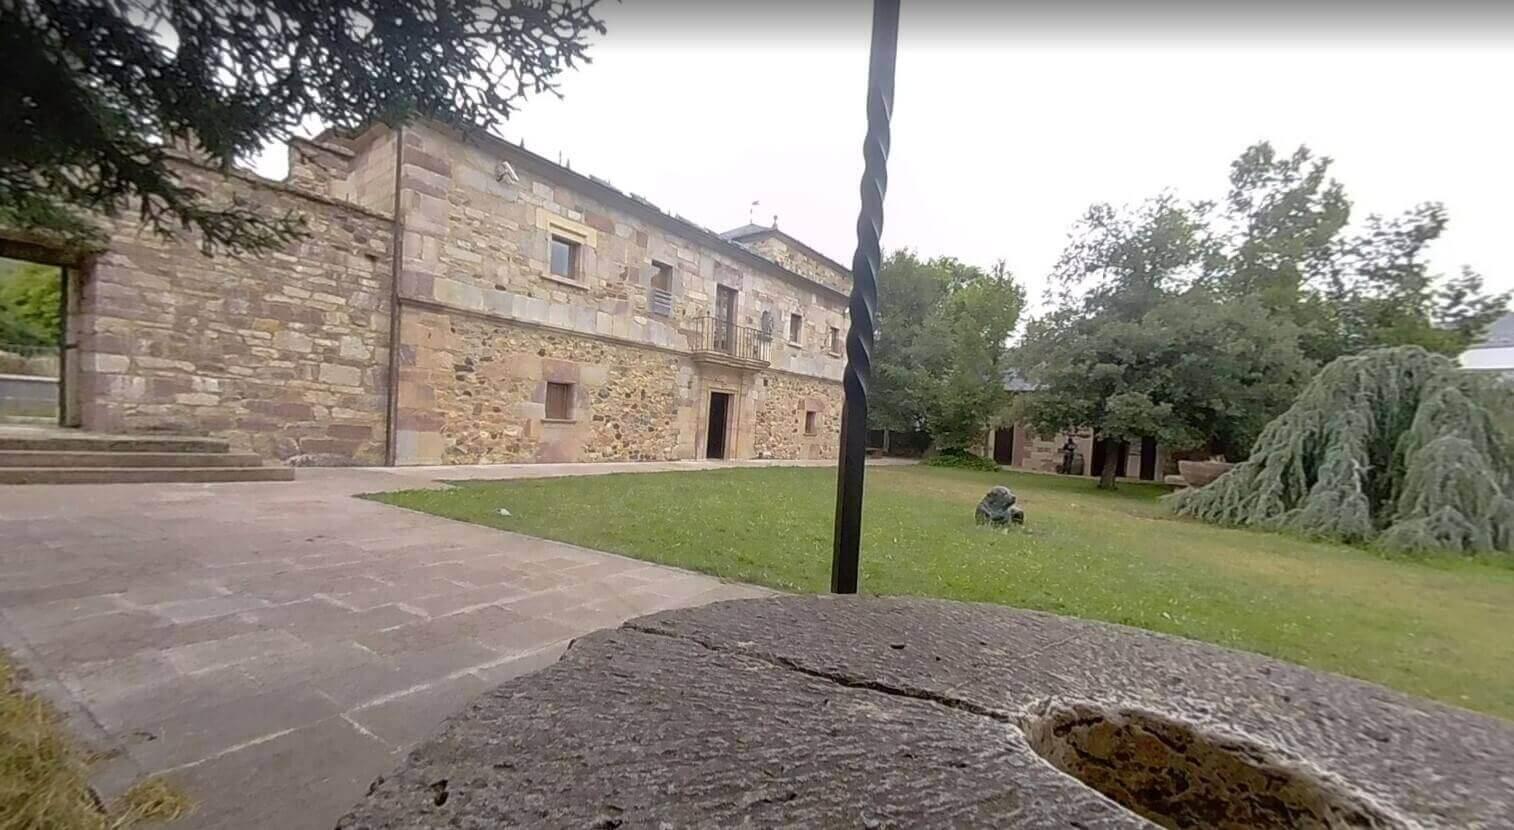 riolago de babia pueblo belleza- Digital de León